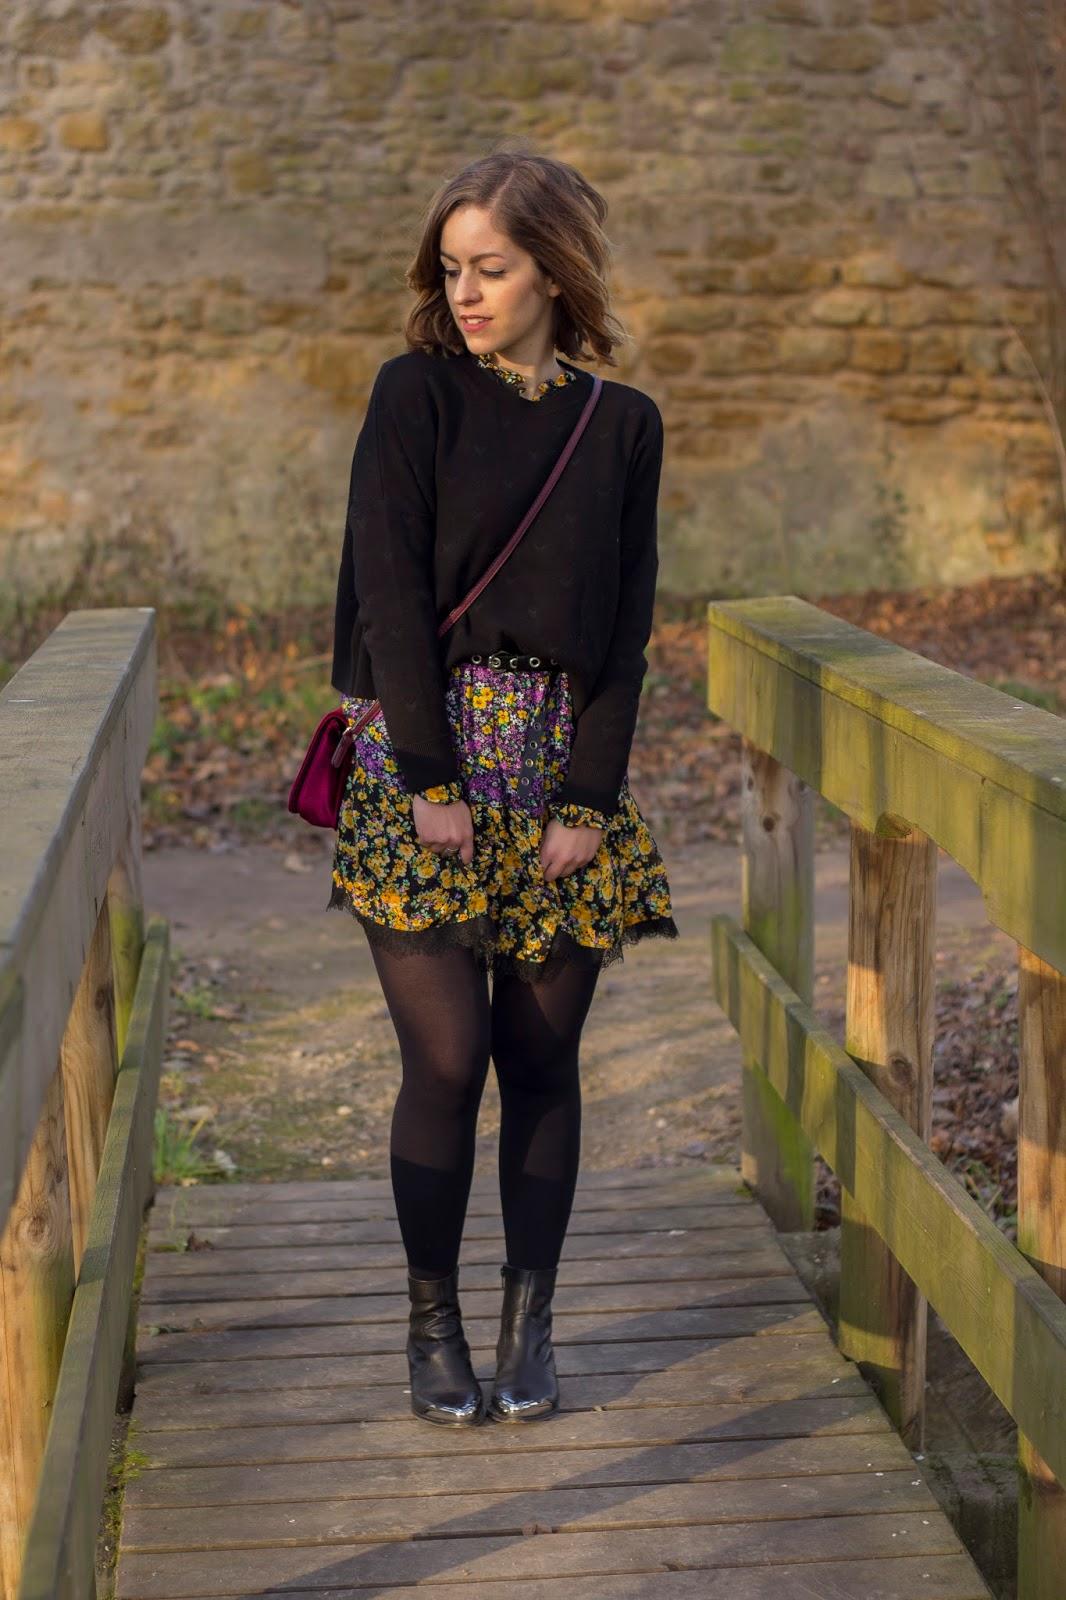 Comment Porter Une Robe Fleurie En Hiver Des Vetements Elegants